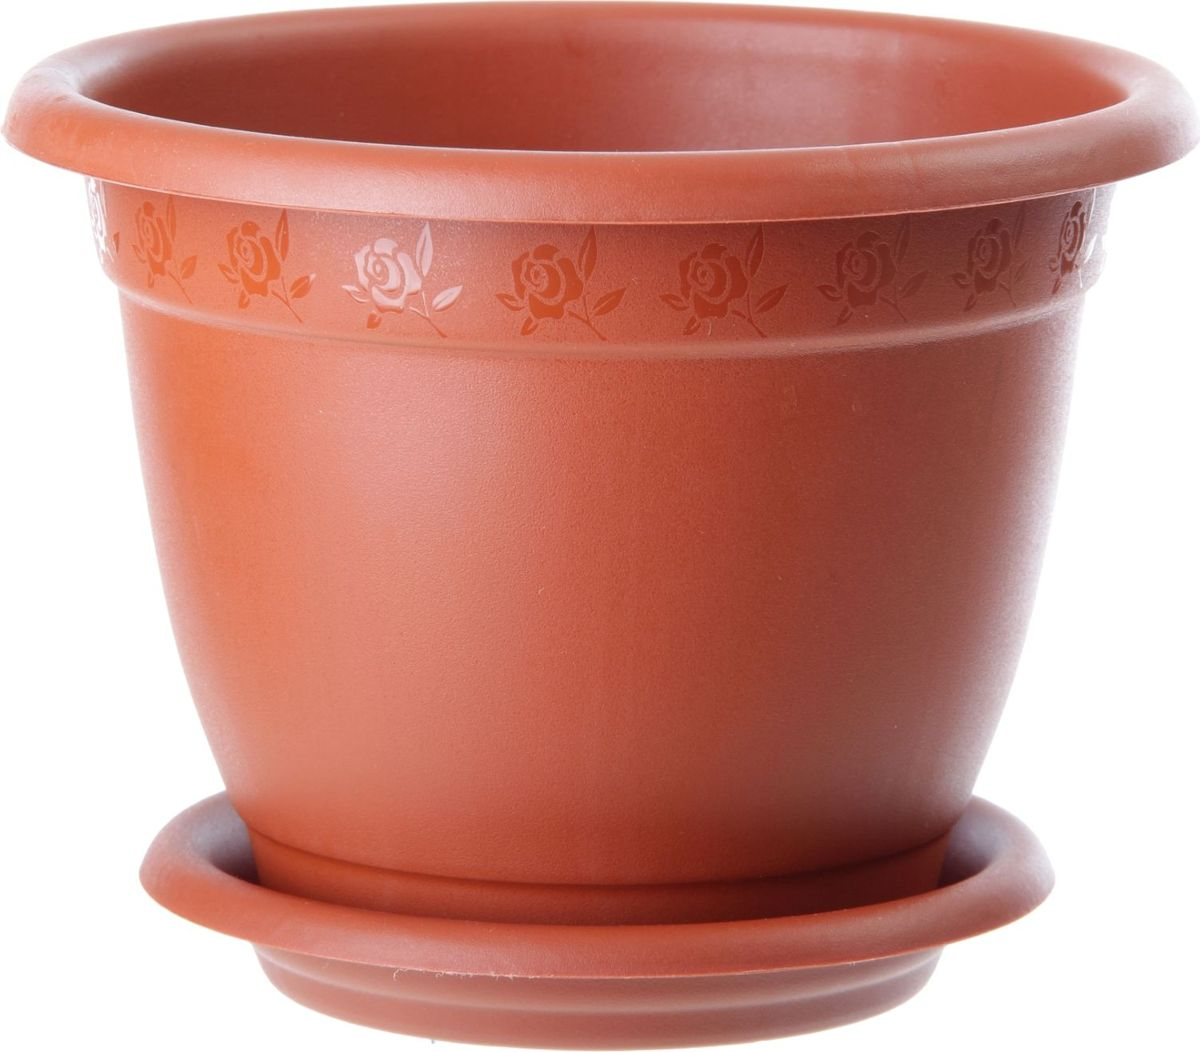 Горшок для цветов InGreen Борнео, с поддоном, цвет: терракотовый, диаметр 14 смZ-0307Любой, даже самый современный и продуманный интерьер будет не завершённым без растений. Они не только очищают воздух и насыщают его кислородом, но и заметно украшают окружающее пространство. Такому полезному &laquo члену семьи&raquoпросто необходимо красивое и функциональное кашпо, оригинальный горшок или необычная ваза! Мы предлагаем - Горшок для цветов с поддоном, d=14 см Борнео 1,5 л, цвет терракотовый!Оптимальный выбор материала &mdash &nbsp пластмасса! Почему мы так считаем? Малый вес. С лёгкостью переносите горшки и кашпо с места на место, ставьте их на столики или полки, подвешивайте под потолок, не беспокоясь о нагрузке. Простота ухода. Пластиковые изделия не нуждаются в специальных условиях хранения. Их&nbsp легко чистить &mdashдостаточно просто сполоснуть тёплой водой. Никаких царапин. Пластиковые кашпо не царапают и не загрязняют поверхности, на которых стоят. Пластик дольше хранит влагу, а значит &mdashрастение реже нуждается в поливе. Пластмасса не пропускает воздух &mdashкорневой системе растения не грозят резкие перепады температур. Огромный выбор форм, декора и расцветок &mdashвы без труда подберёте что-то, что идеально впишется в уже существующий интерьер.Соблюдая нехитрые правила ухода, вы можете заметно продлить срок службы горшков, вазонов и кашпо из пластика: всегда учитывайте размер кроны и корневой системы растения (при разрастании большое растение способно повредить маленький горшок)берегите изделие от воздействия прямых солнечных лучей, чтобы кашпо и горшки не выцветалидержите кашпо и горшки из пластика подальше от нагревающихся поверхностей.Создавайте прекрасные цветочные композиции, выращивайте рассаду или необычные растения, а низкие цены позволят вам не ограничивать себя в выборе.